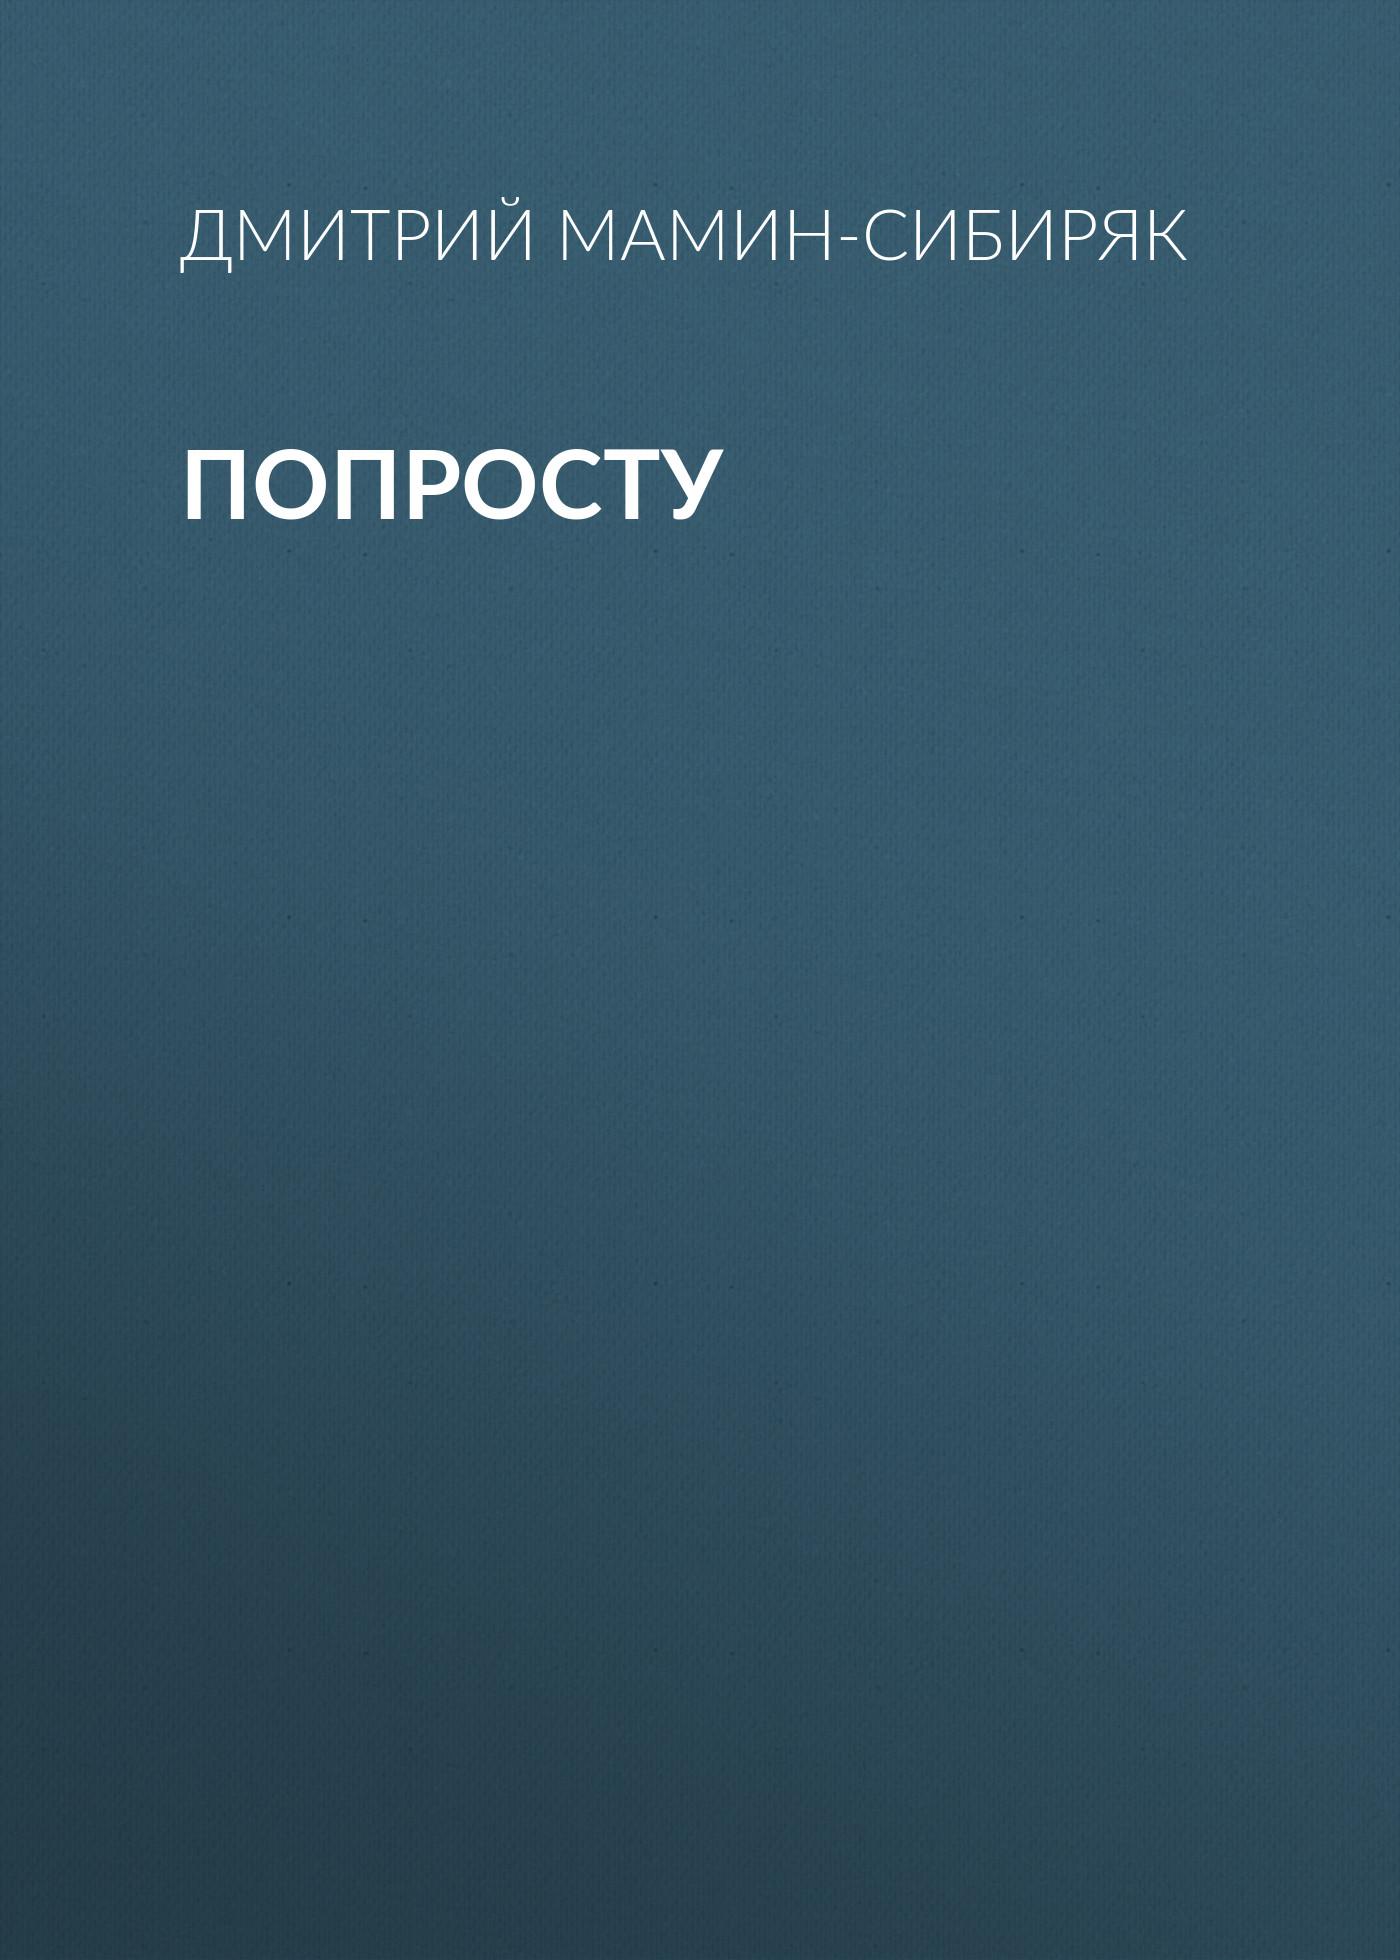 Купить книгу Попросту, автора Дмитрия Мамина-Сибиряка